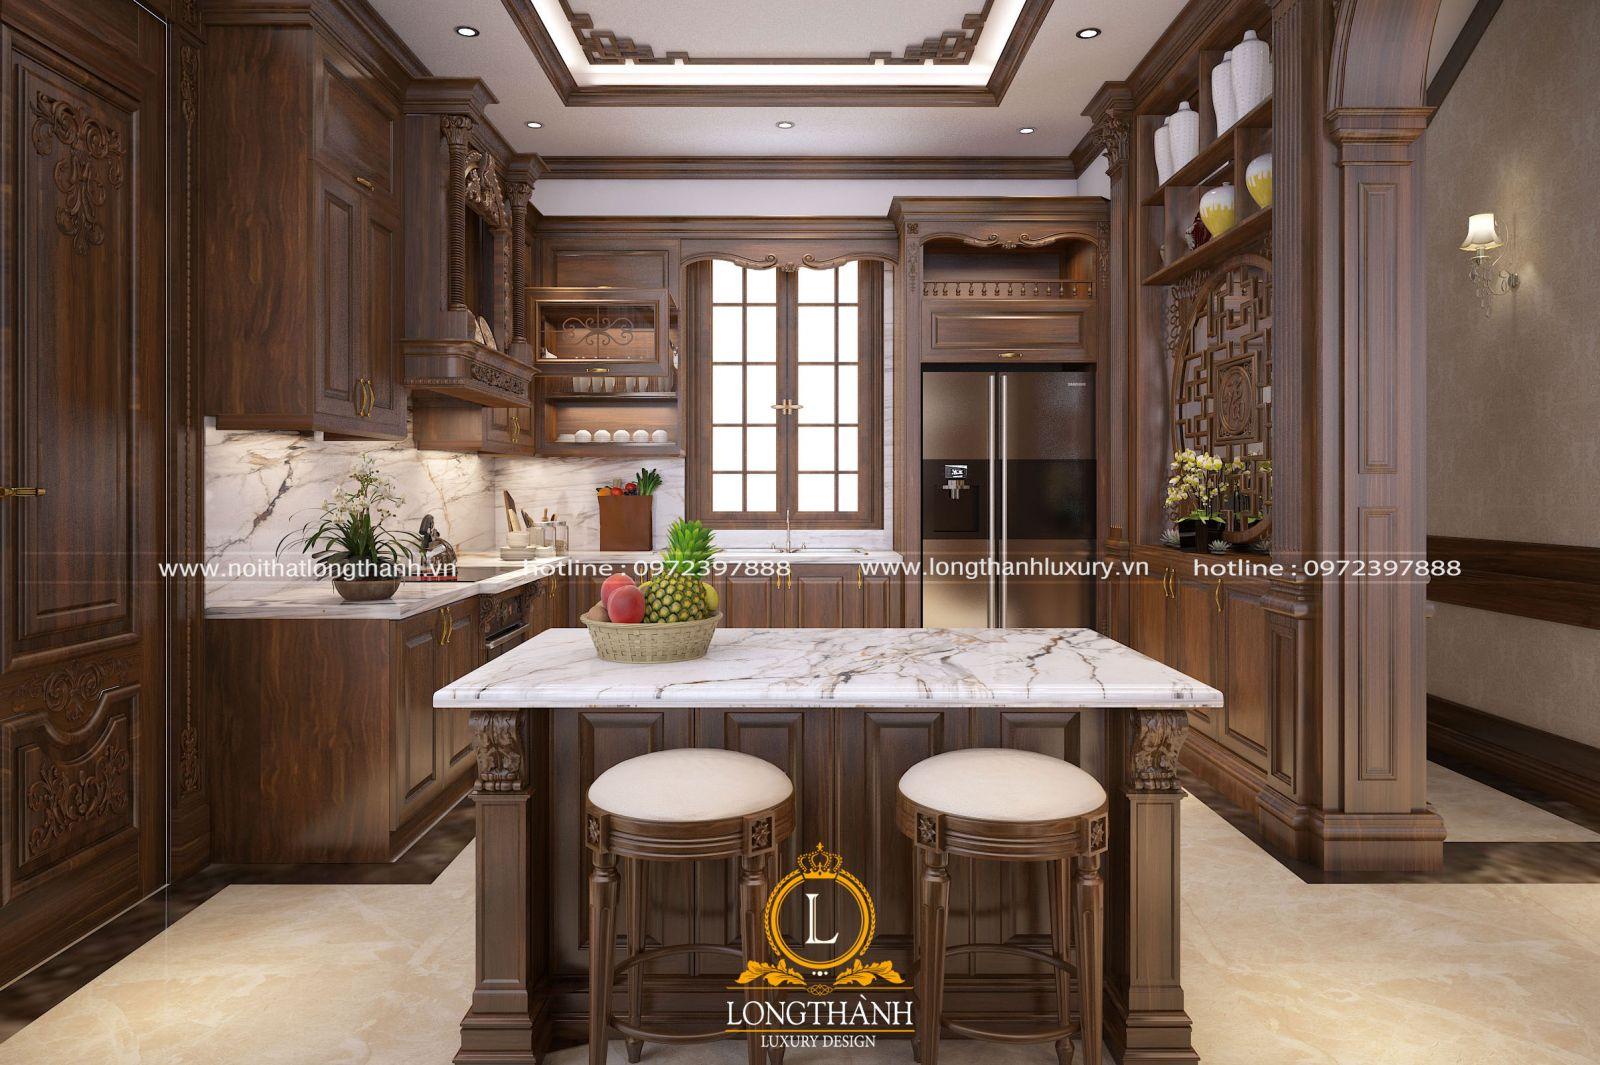 Thiết kế nội thất 3D cho phòng bếp biệt thự